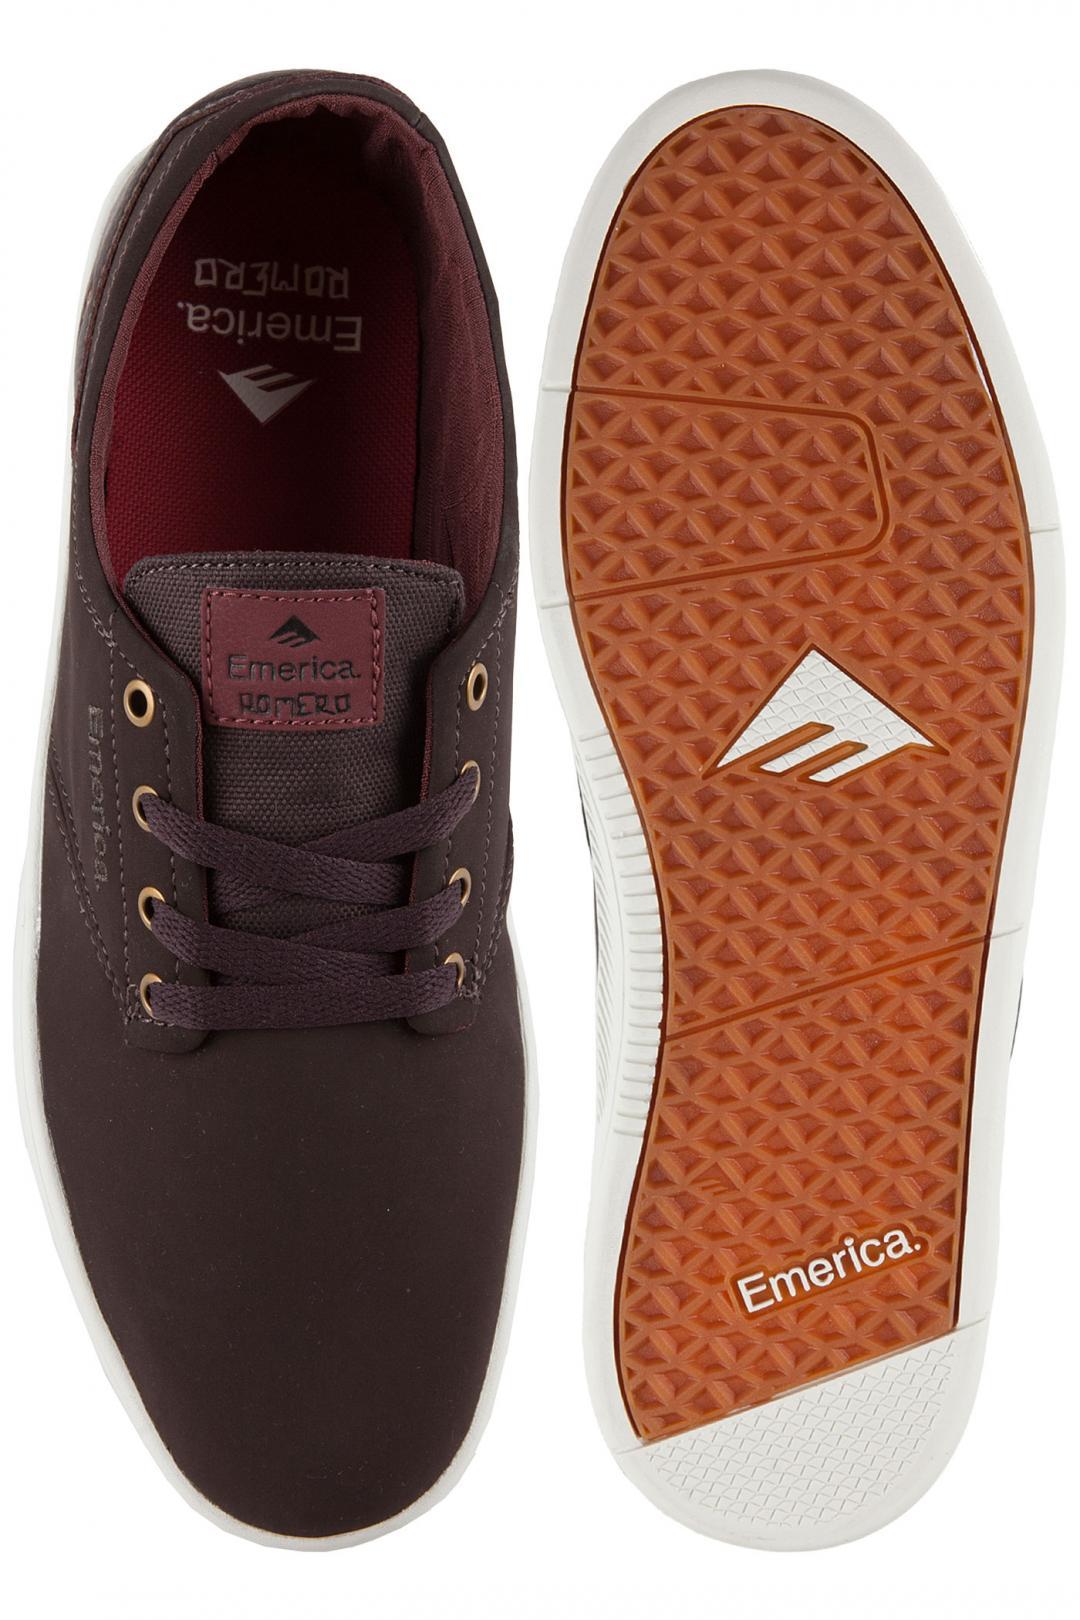 Uomo Emerica The Romero Laced dark brown | Scarpe da skate